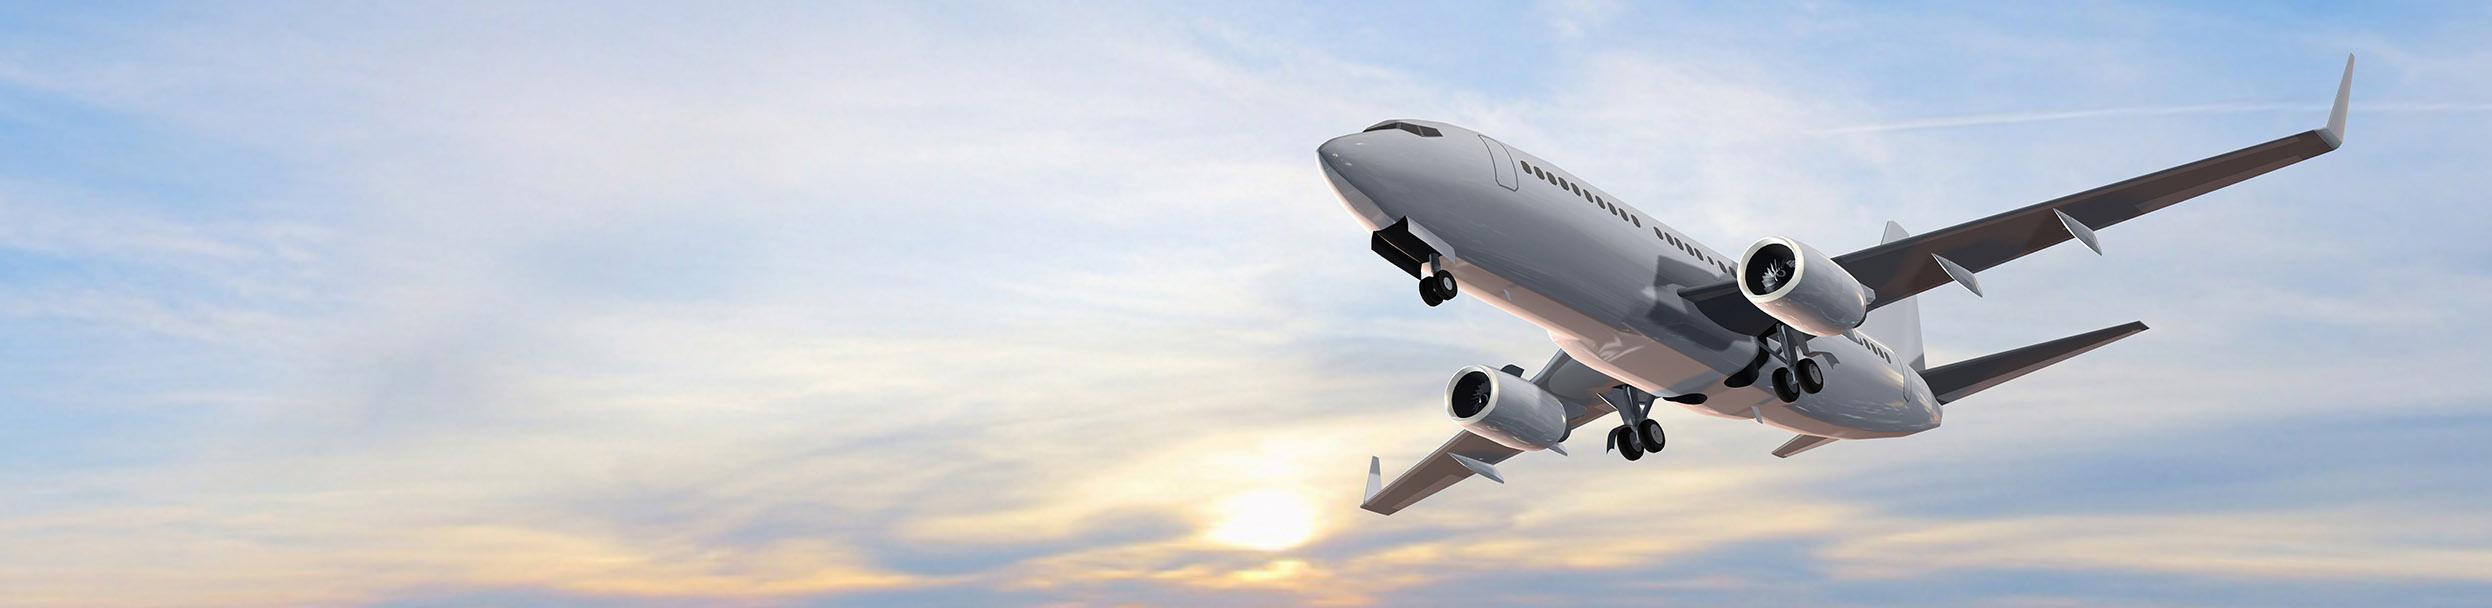 Airliner - Harverd Team